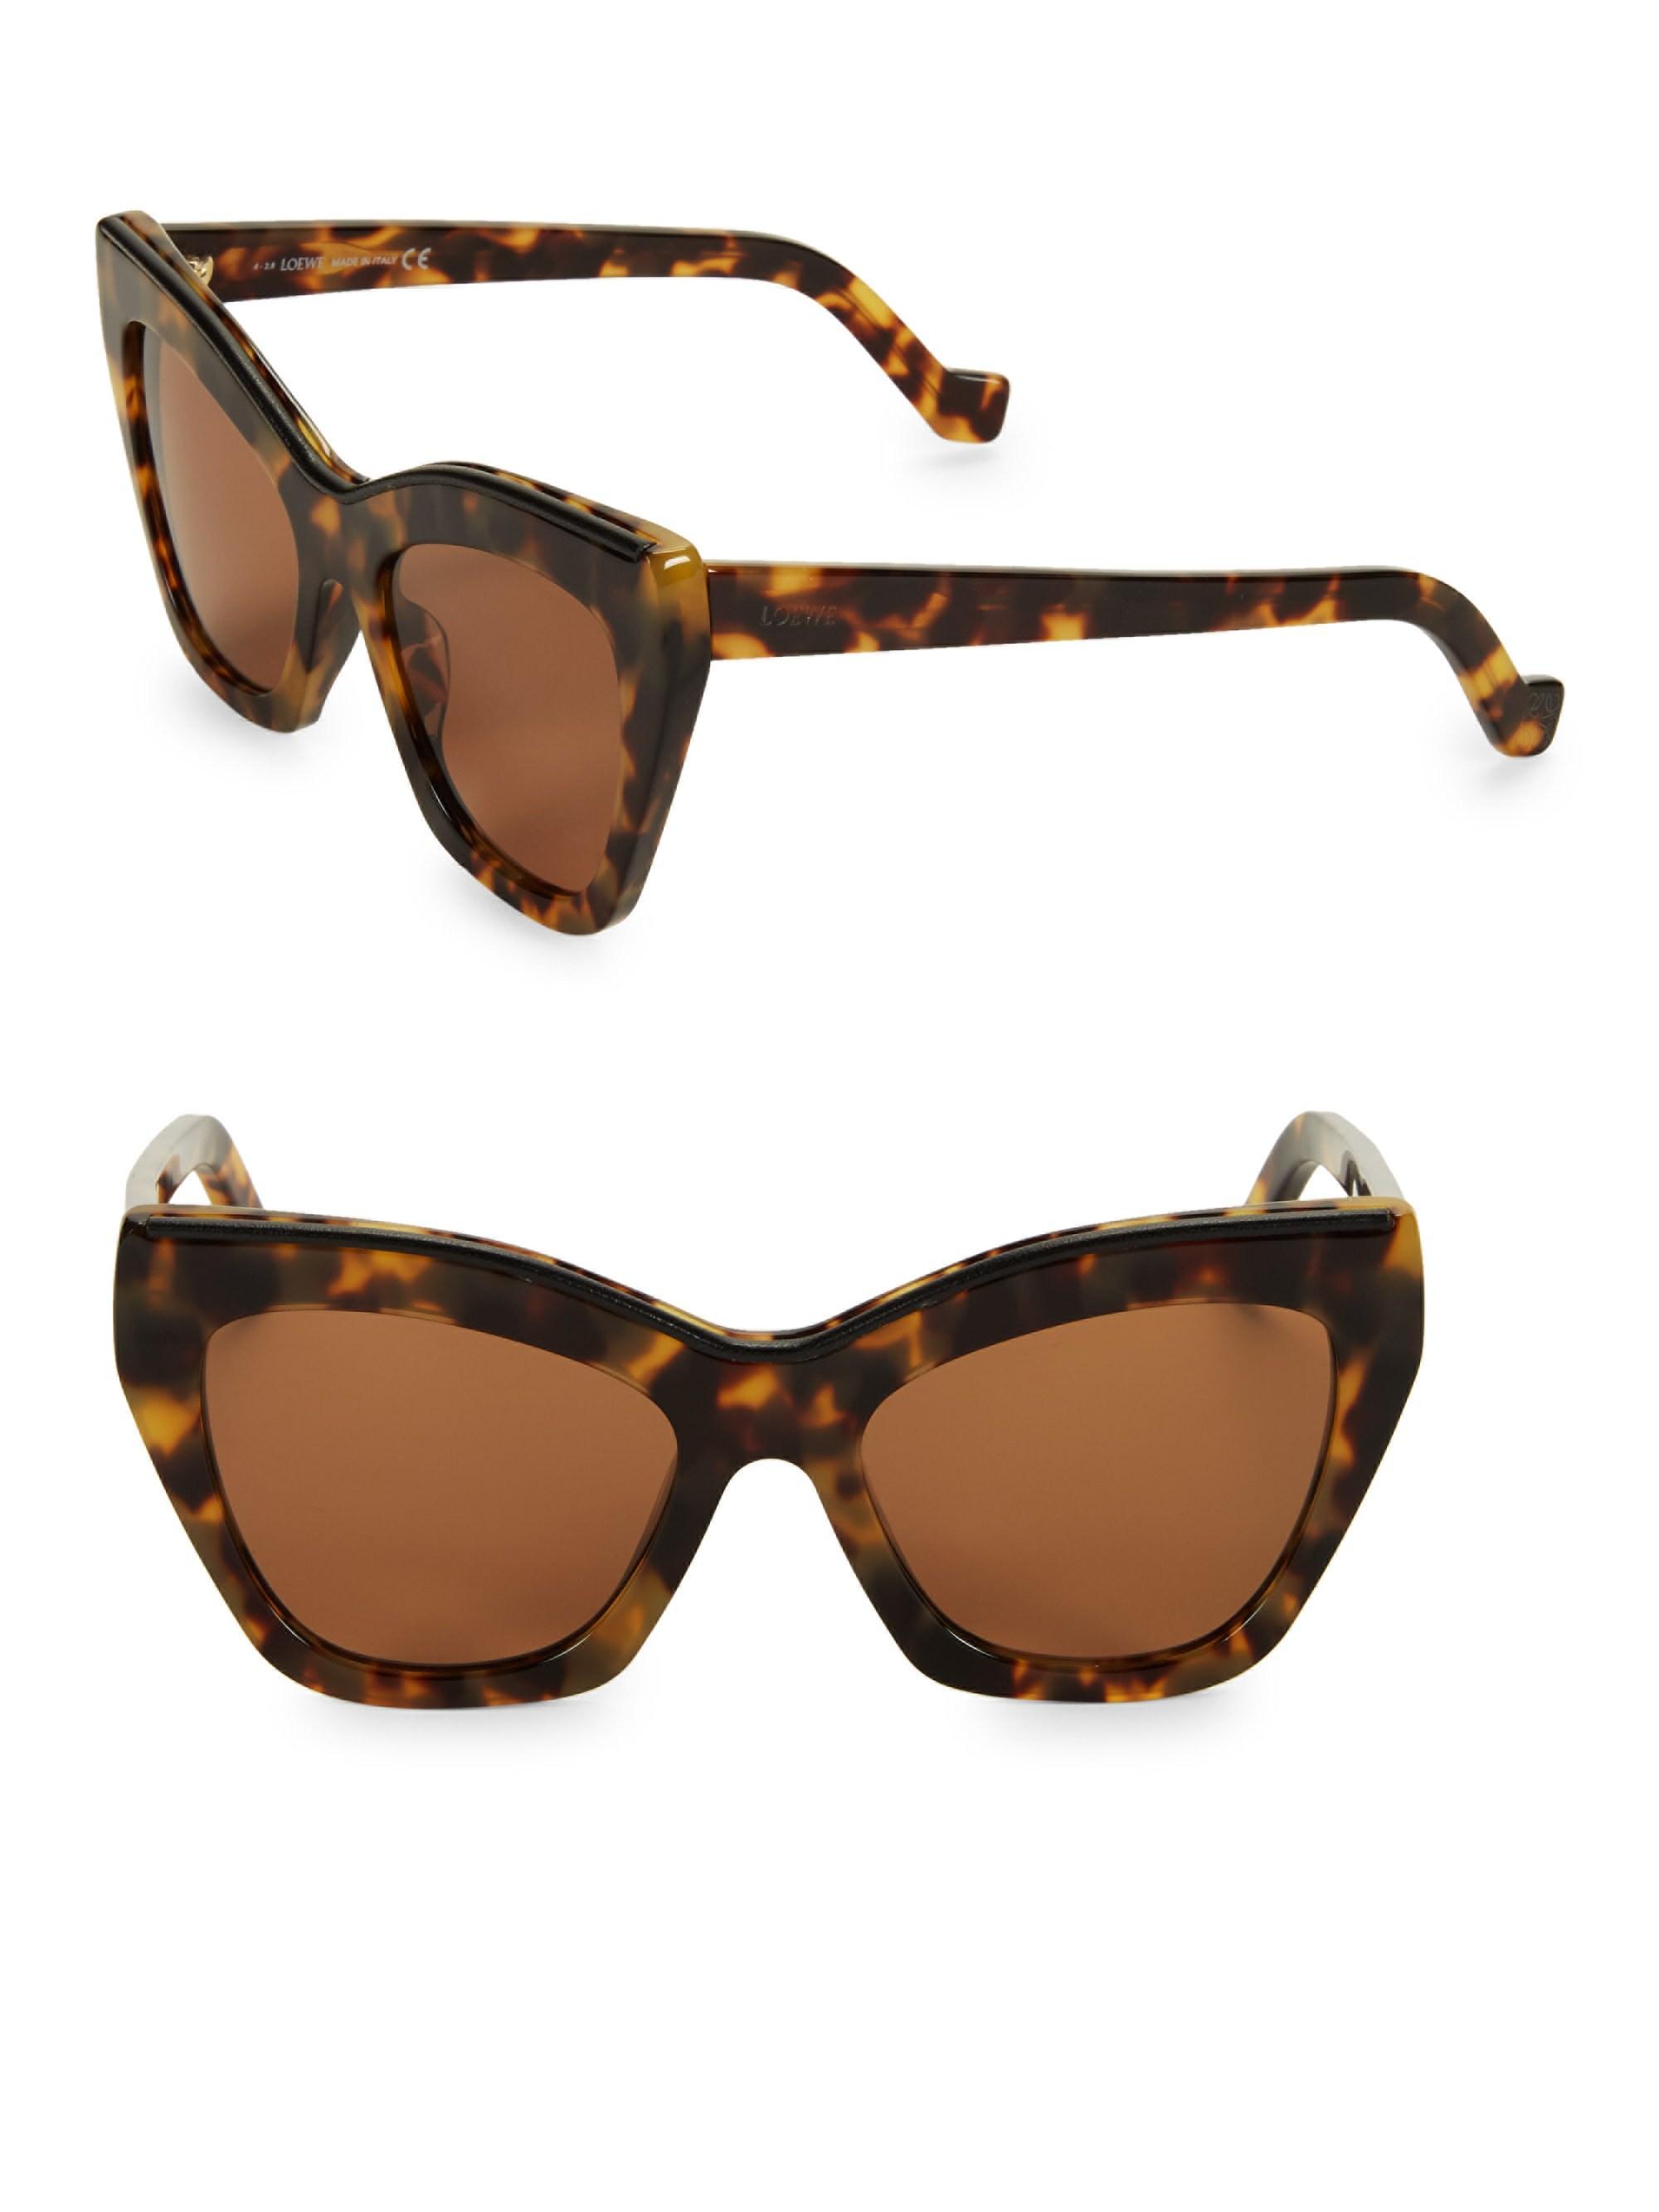 Sunglasses In Lw40014u Loewe Havana 55mm Lyst Cat Eye Brown Women's qvZ8fxvwTY